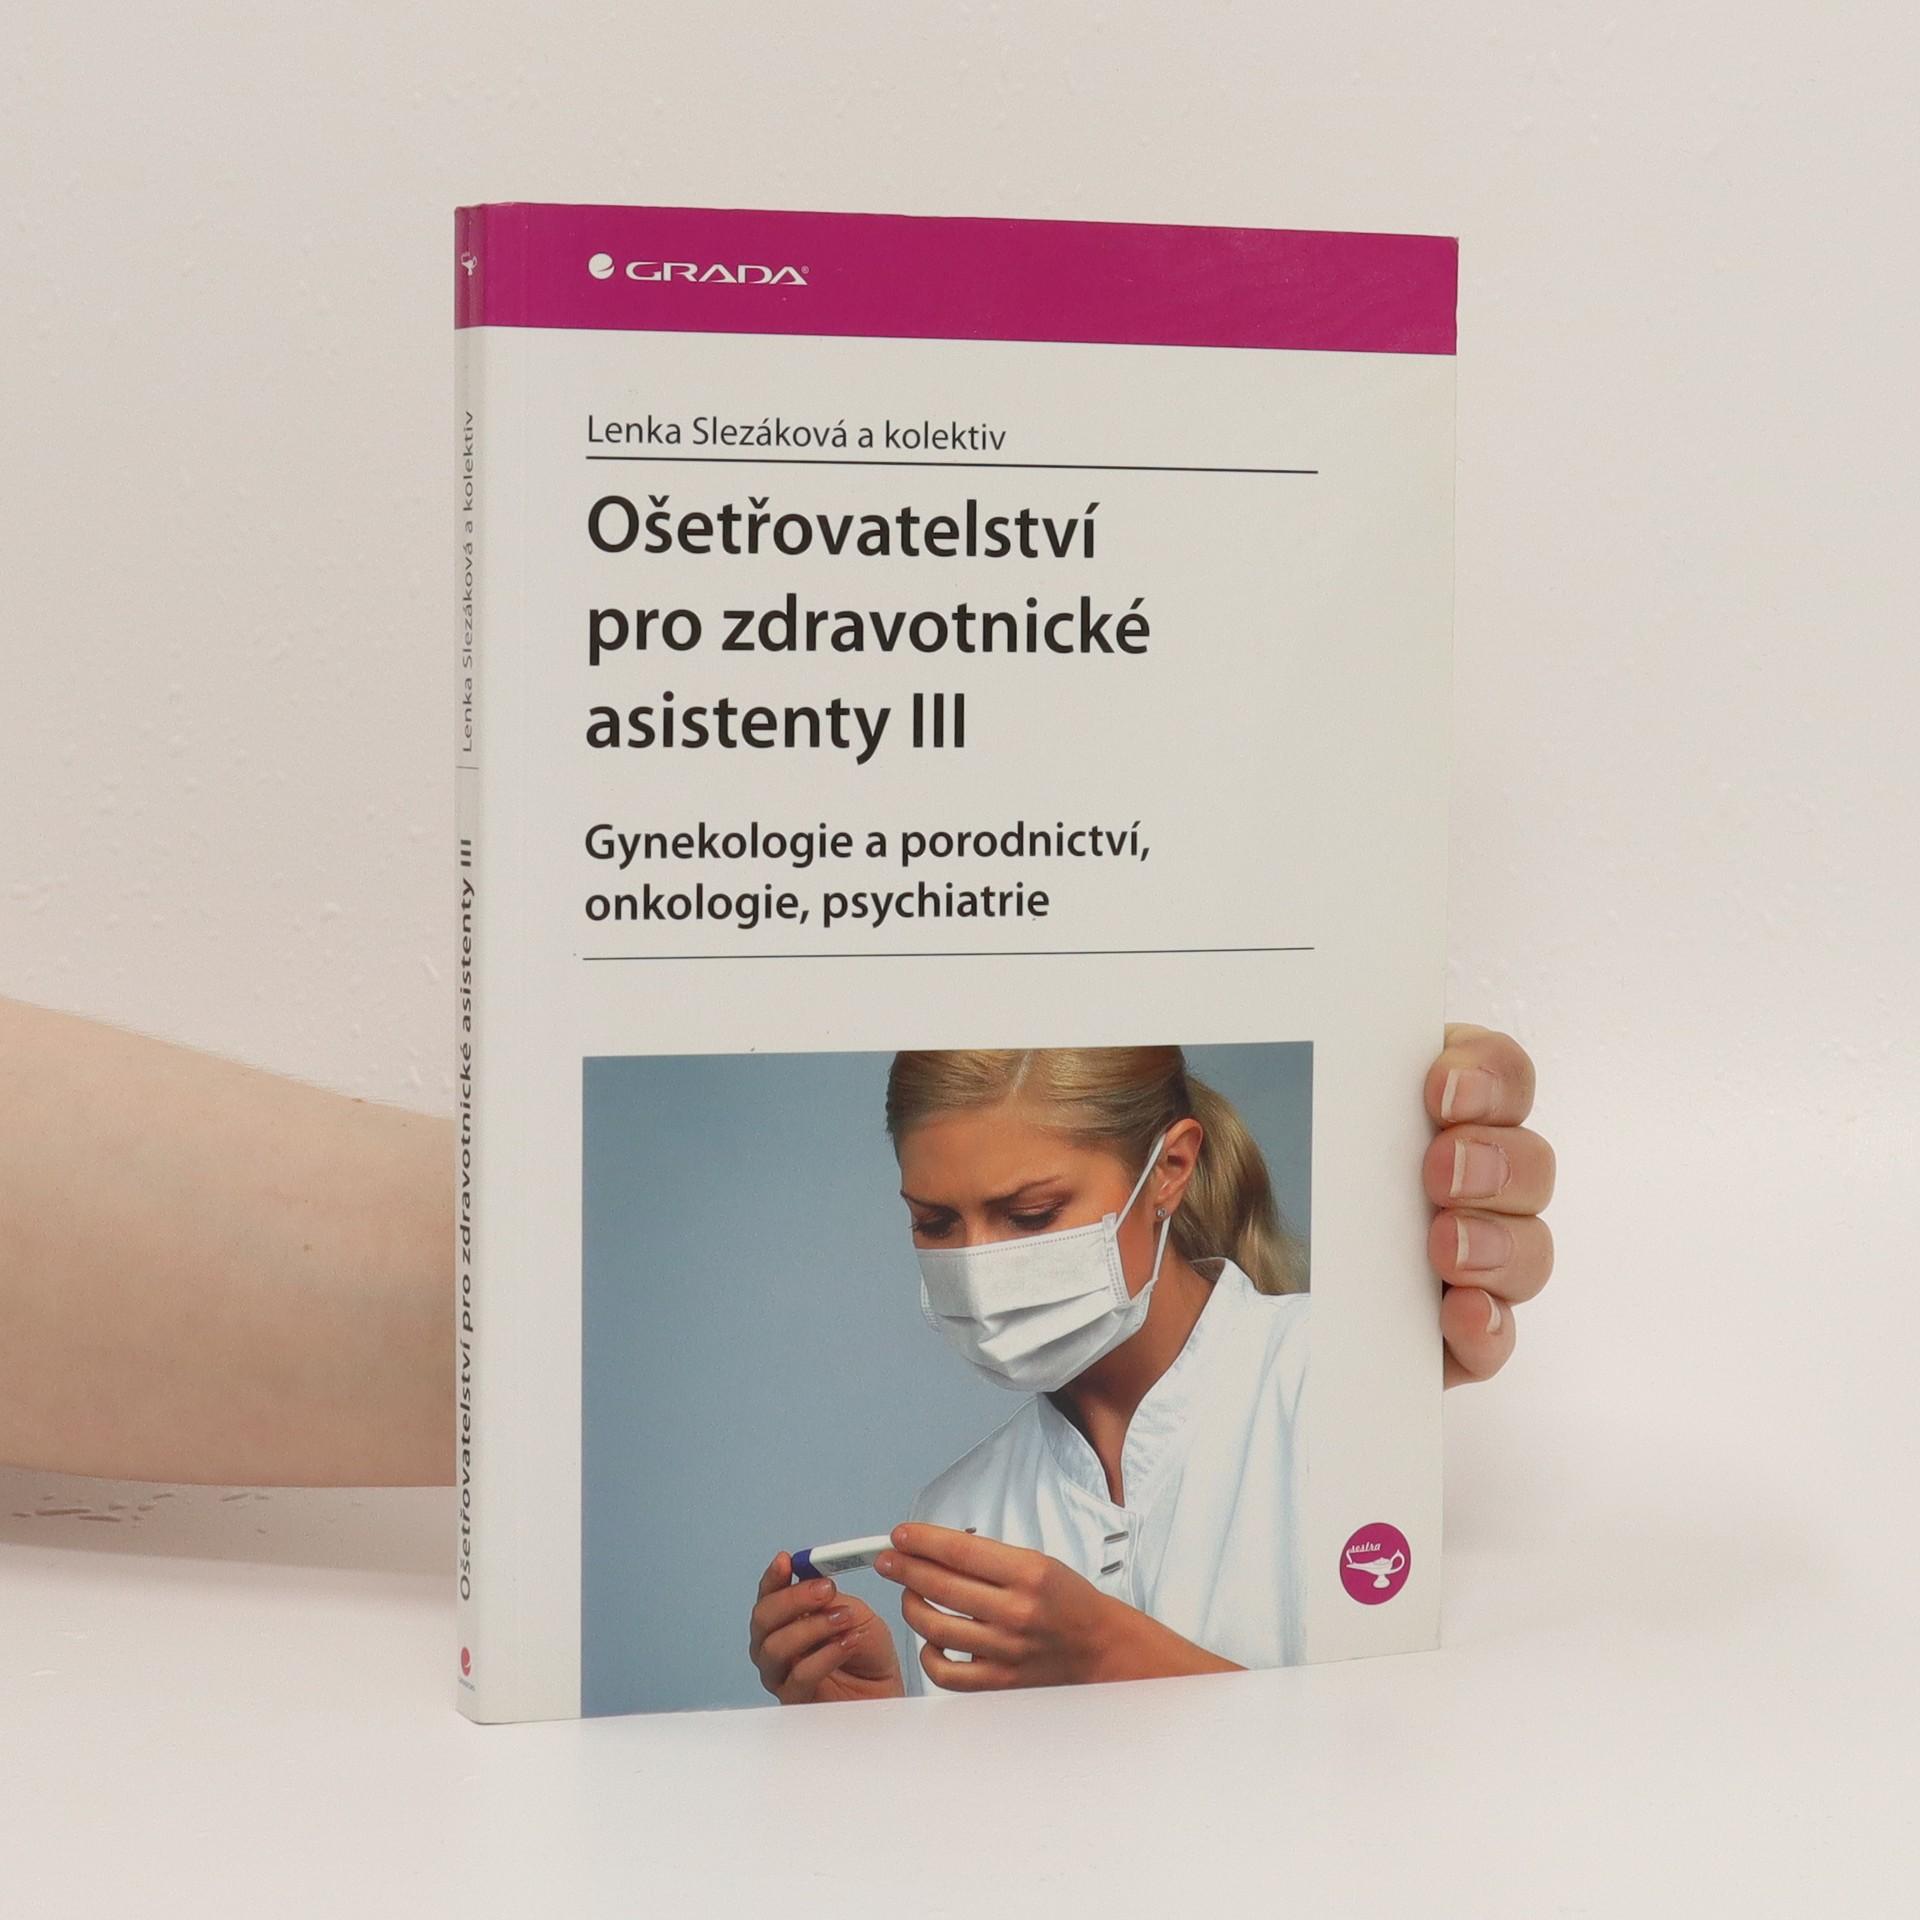 antikvární kniha Ošetřovatelství pro zdravotnické asistenty III. díl, Gynekologie a porodnictví, onkologie, psychiatrie, 2007